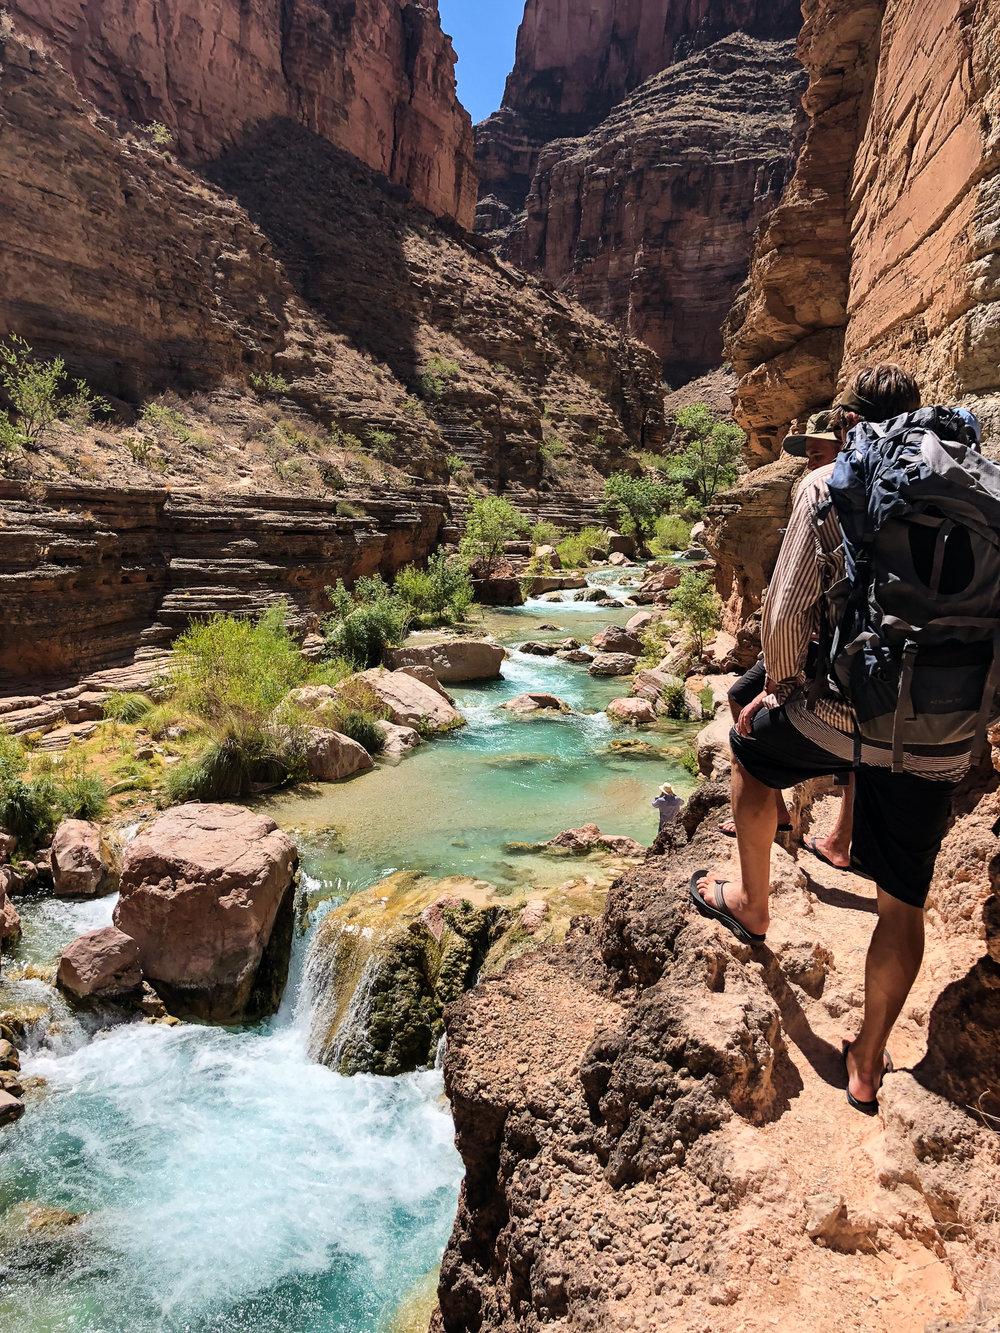 Hiking up the trail of Havasu creek